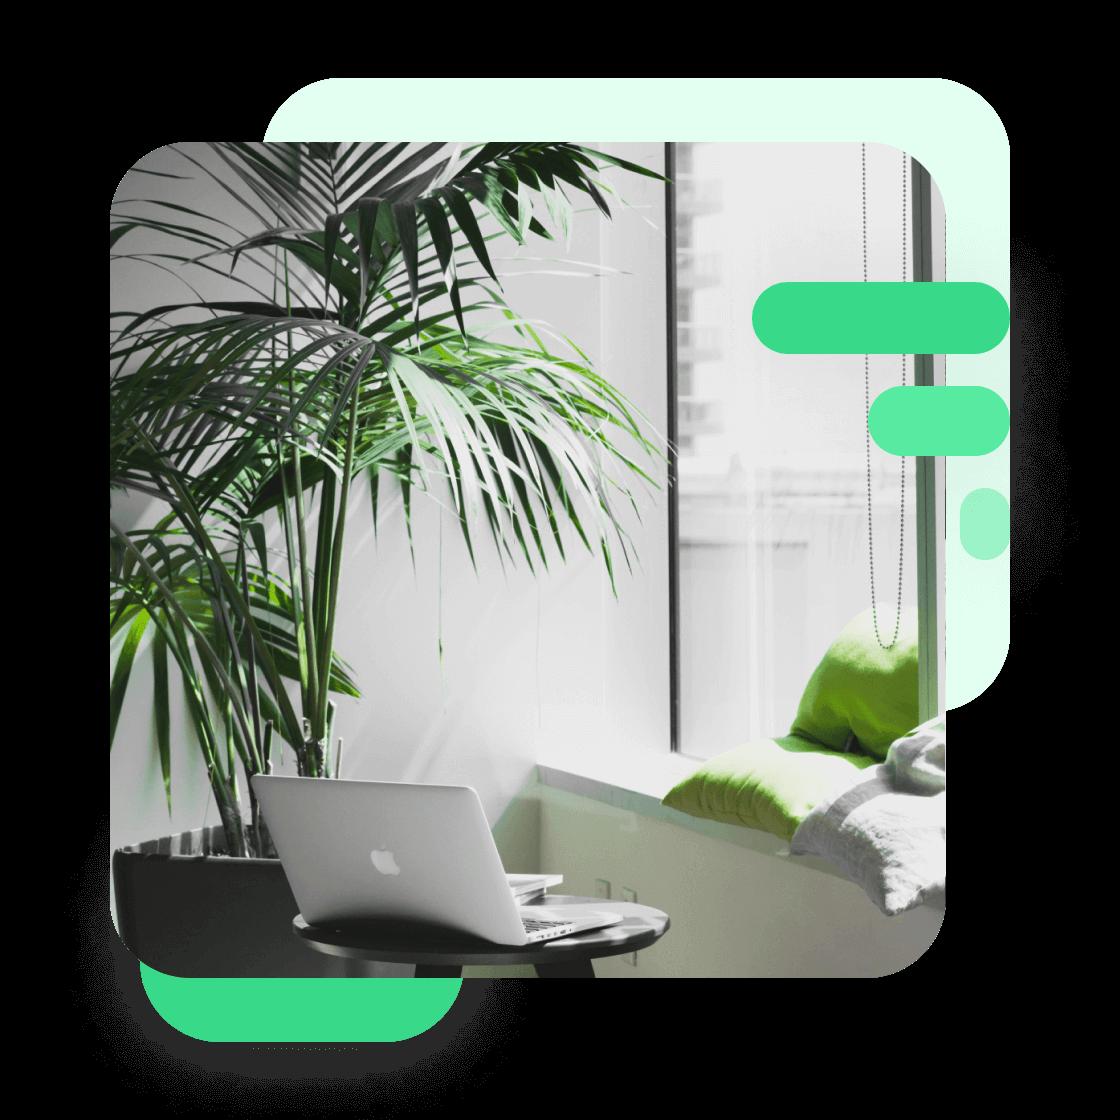 Slika pisarne z rastlinjem in računalnikom v ospredju, jpg slika